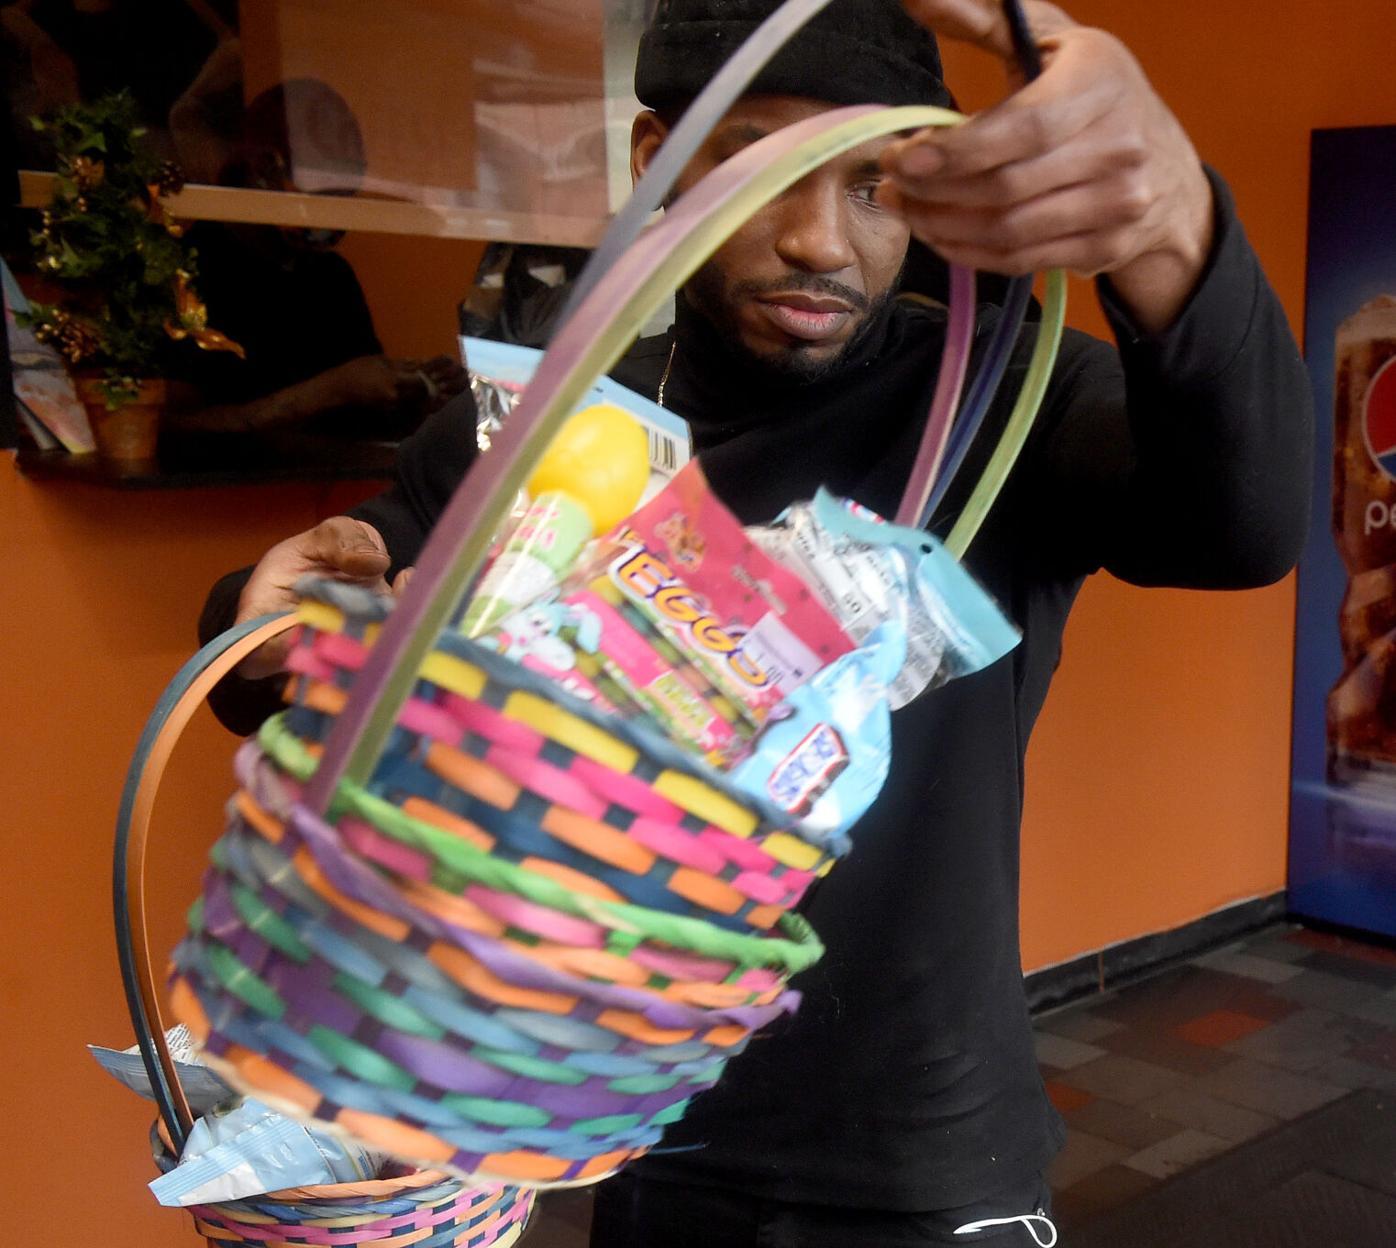 031821 VE Easter Baskets 04.jpg